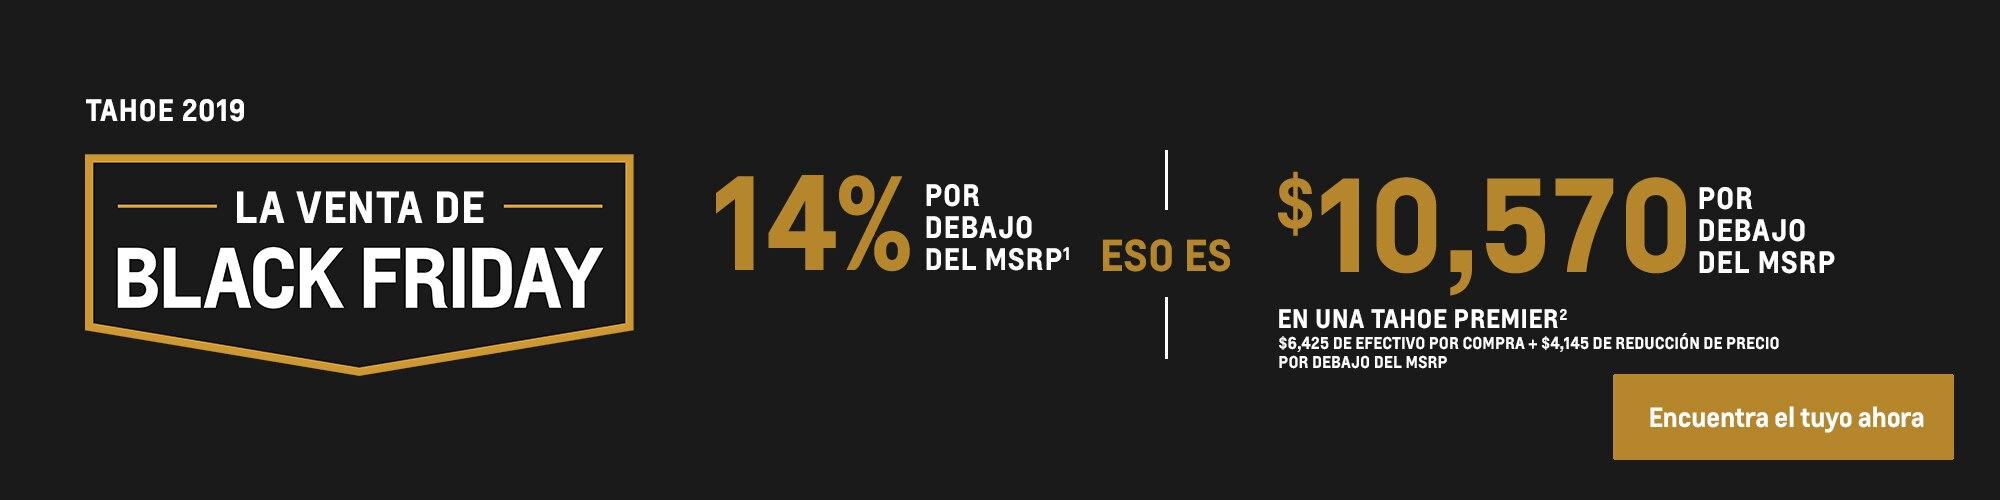 Tahoe 2019: 14% por debajo del MSRP